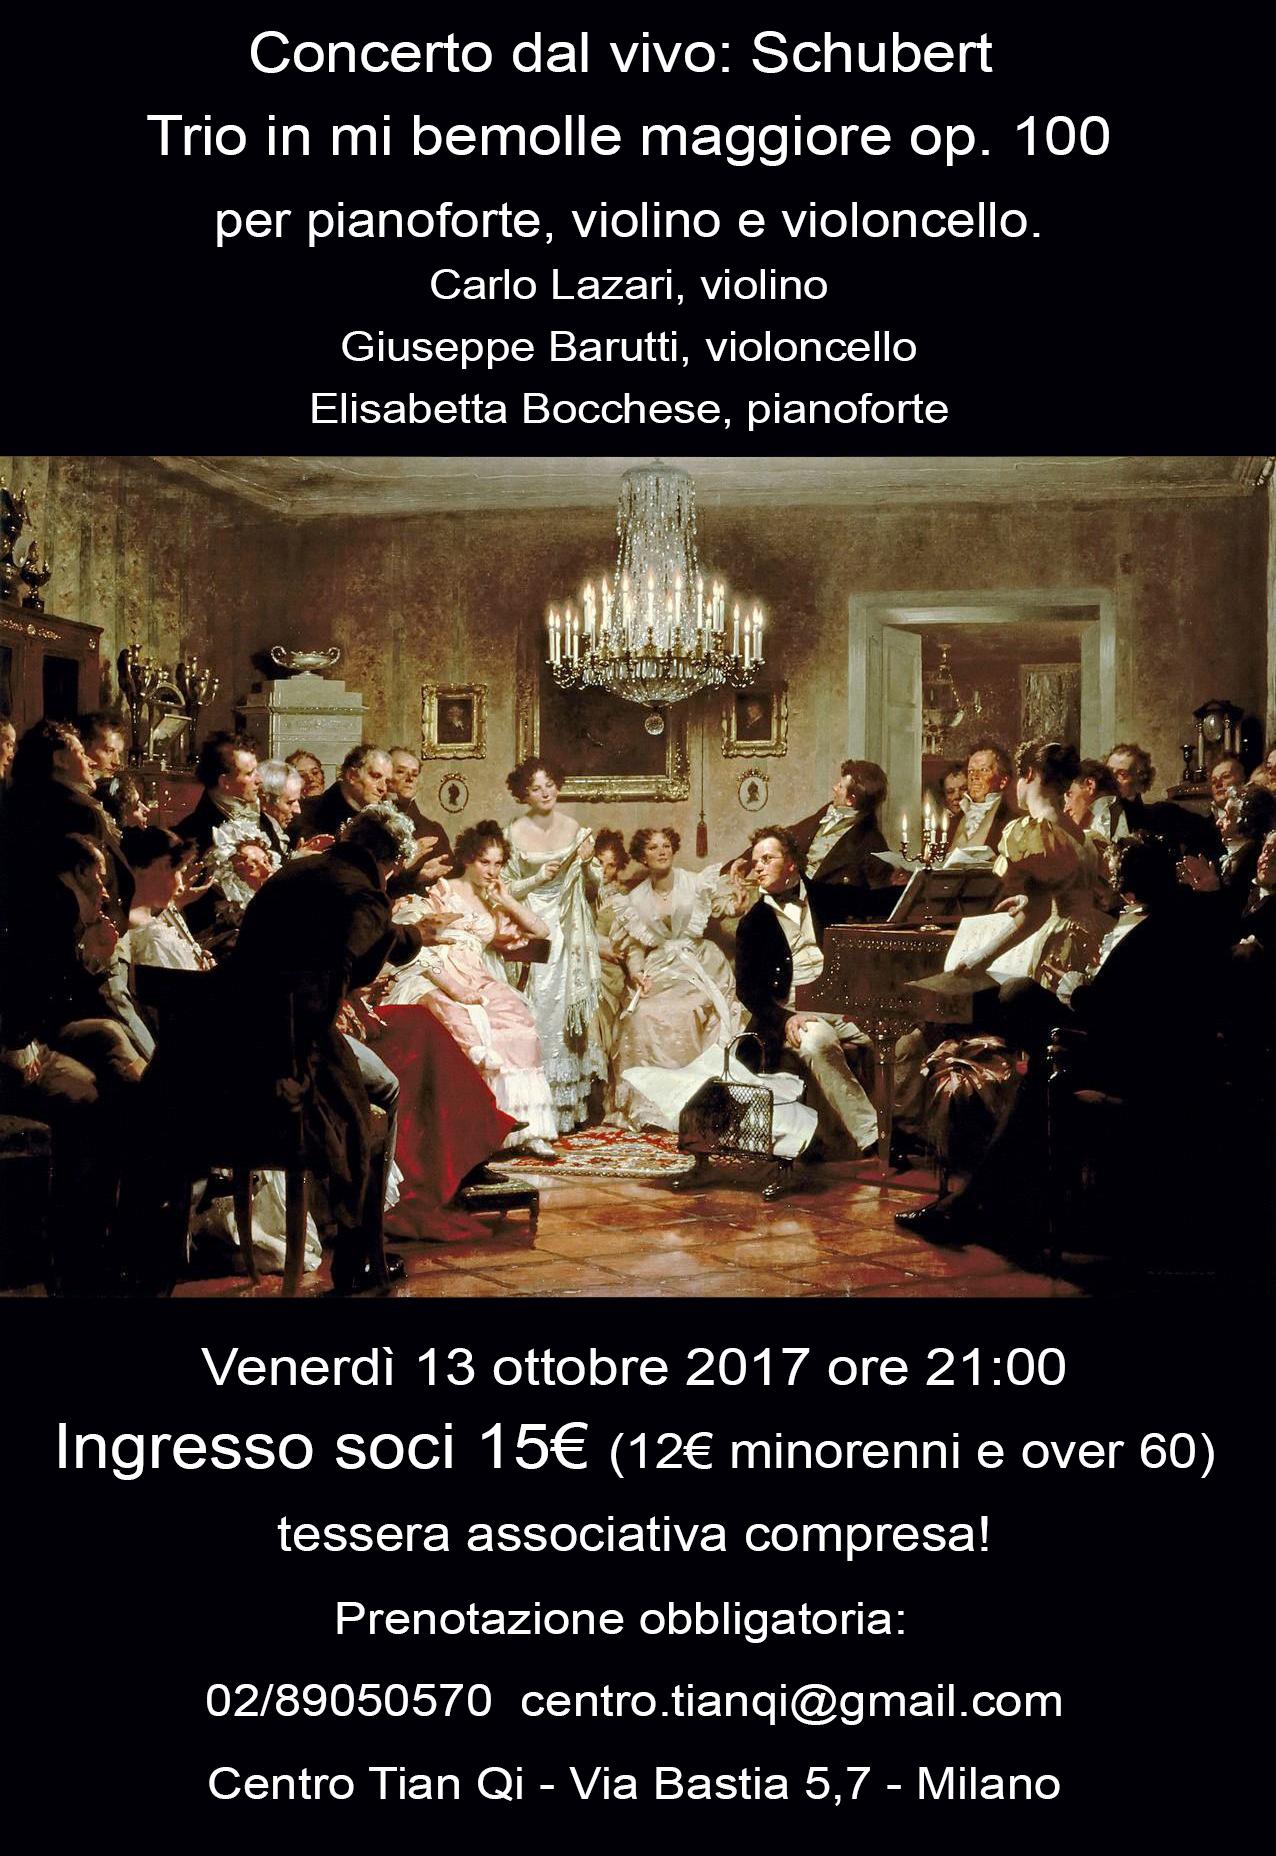 13/10/2017: Concerto dal vivo - schubert - op. 100